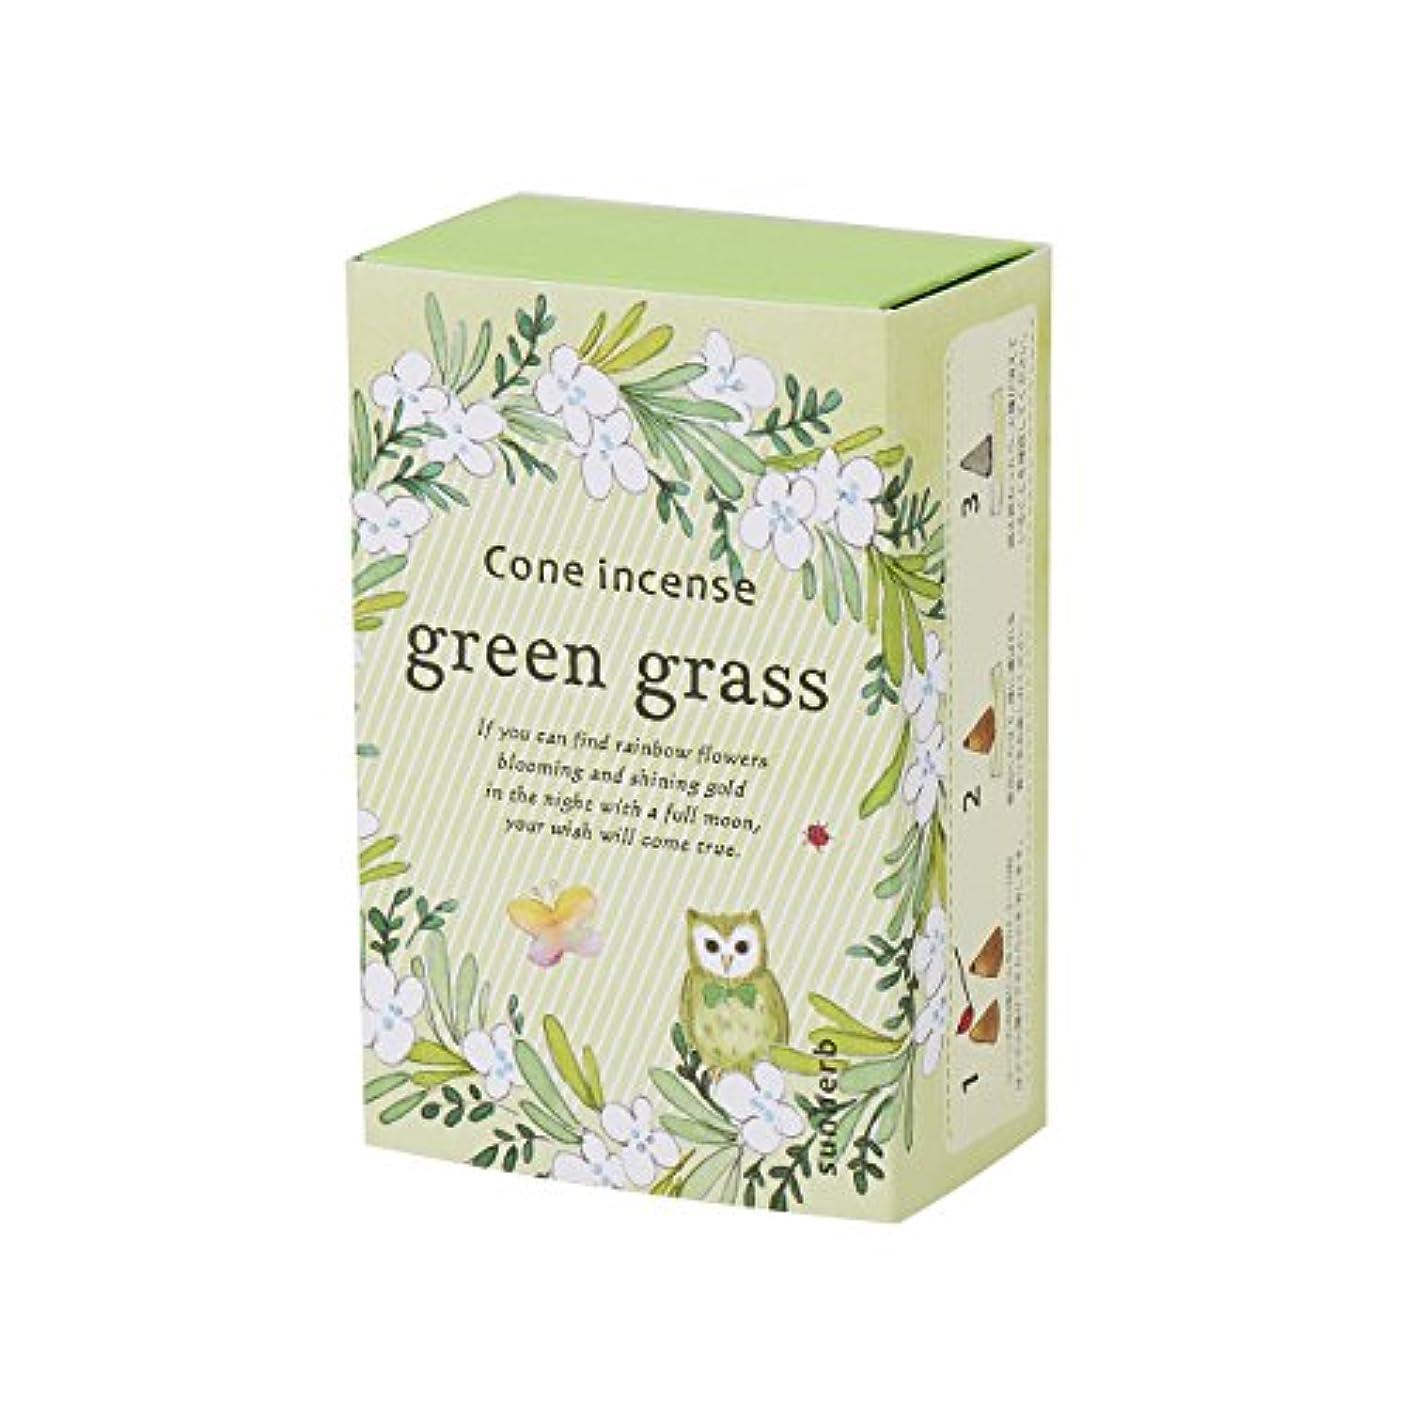 サンハーブ お香 コーンタイプ グリーングラス 16粒(インセンス 燃焼時間約20分 爽やかでちょっと大人の香り)